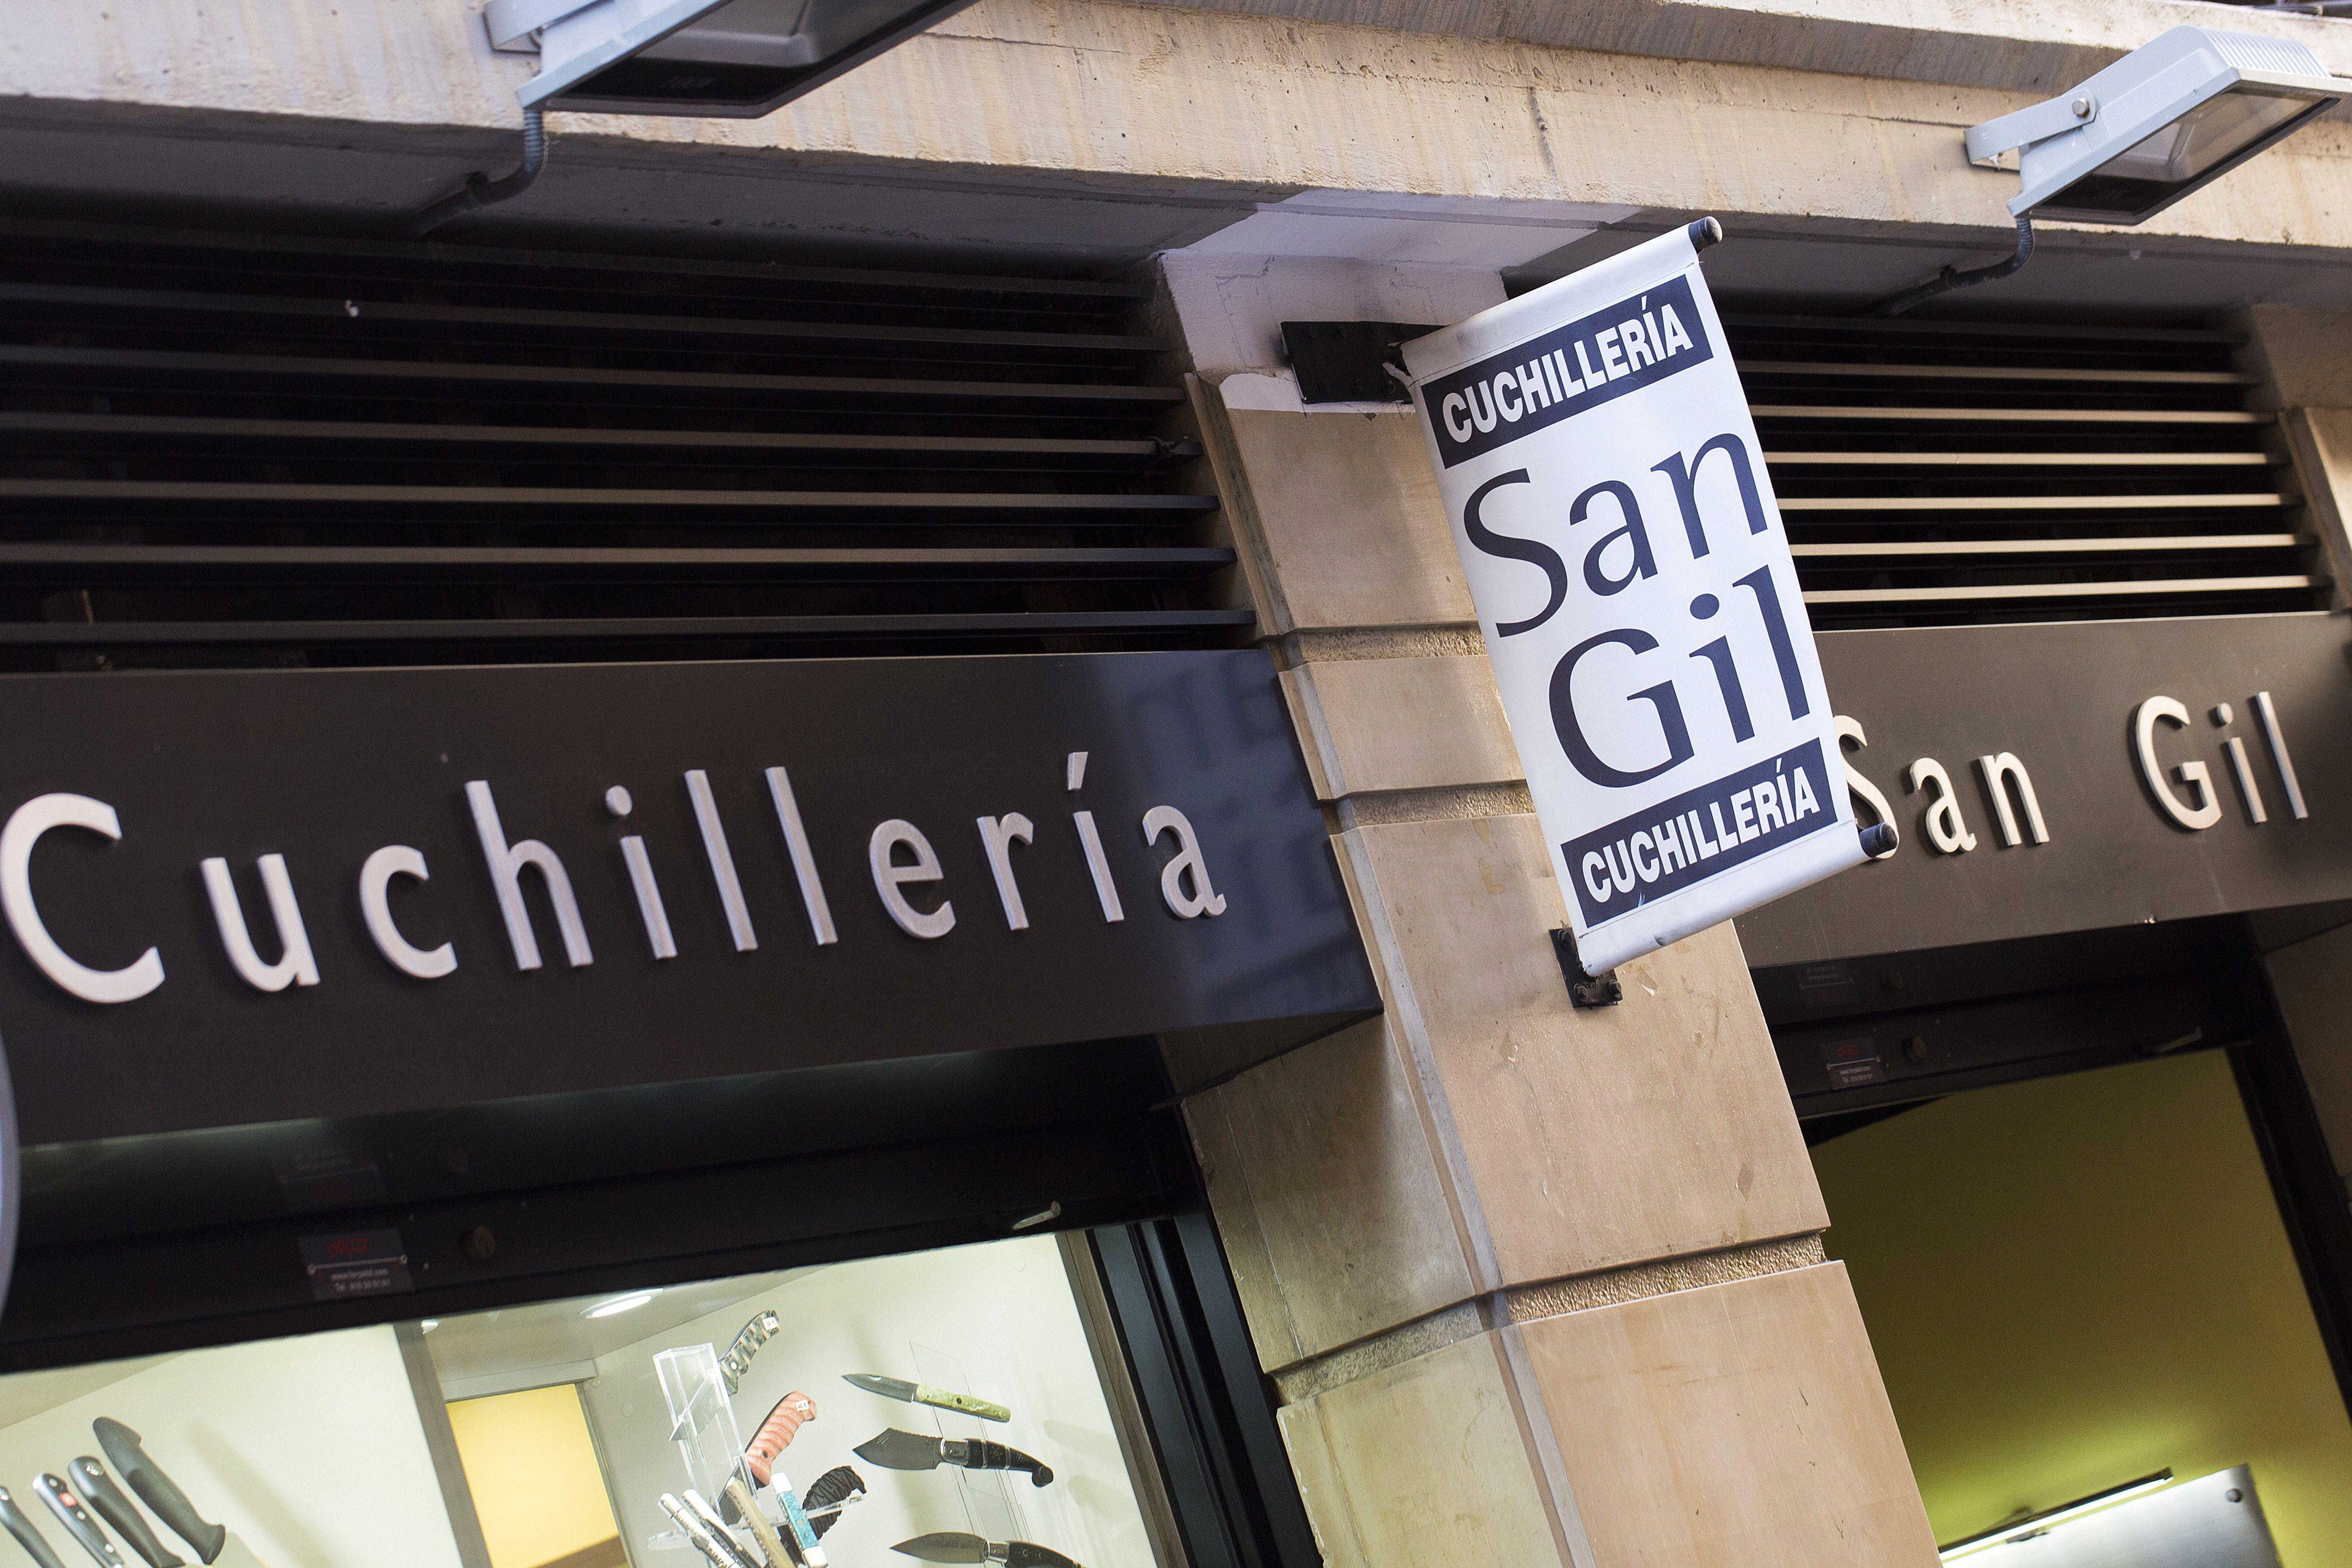 Cuchillería San Gil en Zaragoza